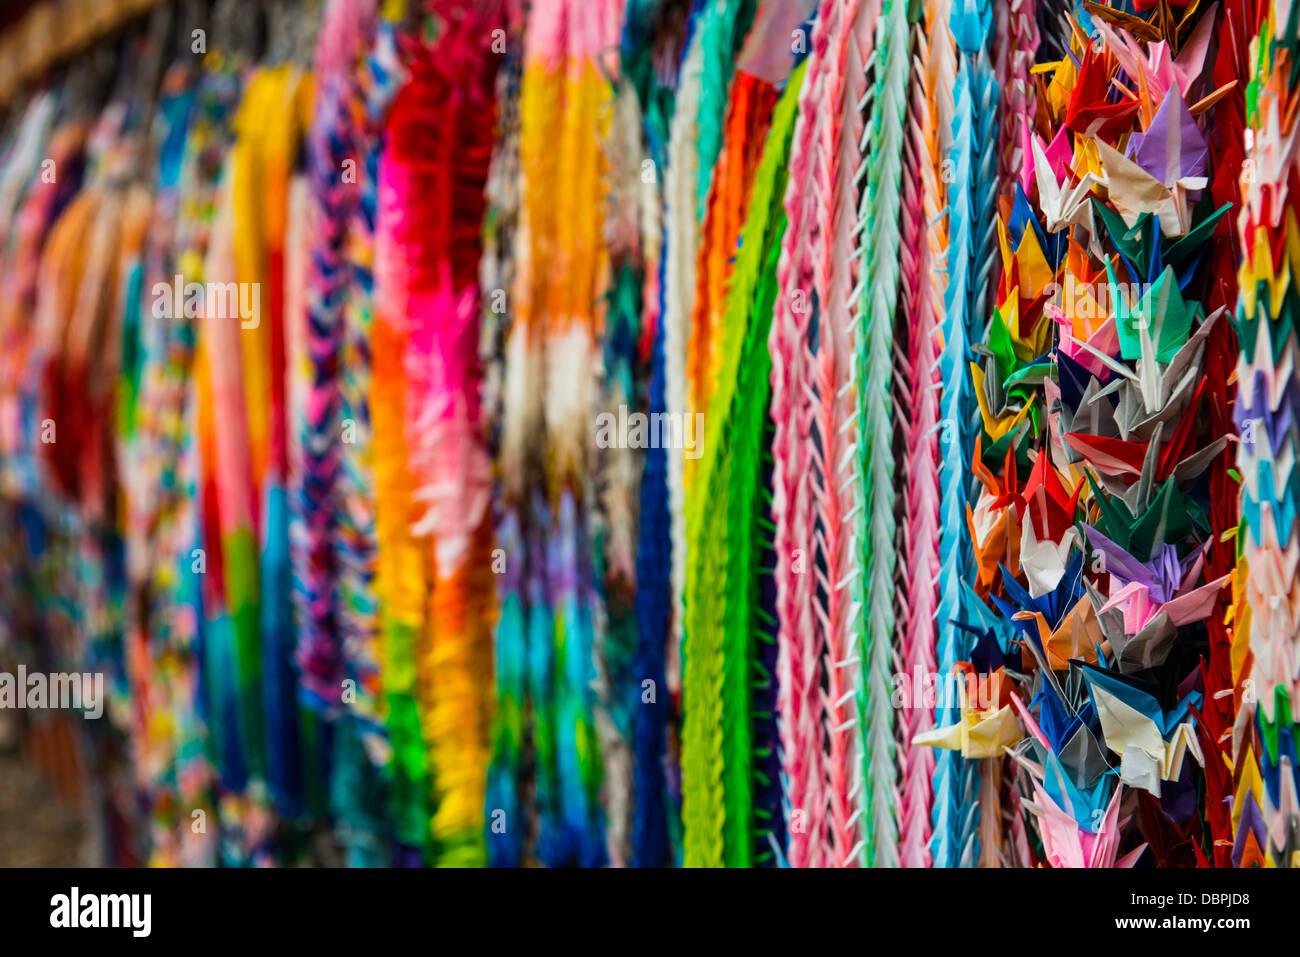 Colourful prayer ribbons at the Endless Red Gates of Kyoto's Fushimi Inari, Kyoto, Japan, Asia - Stock Image